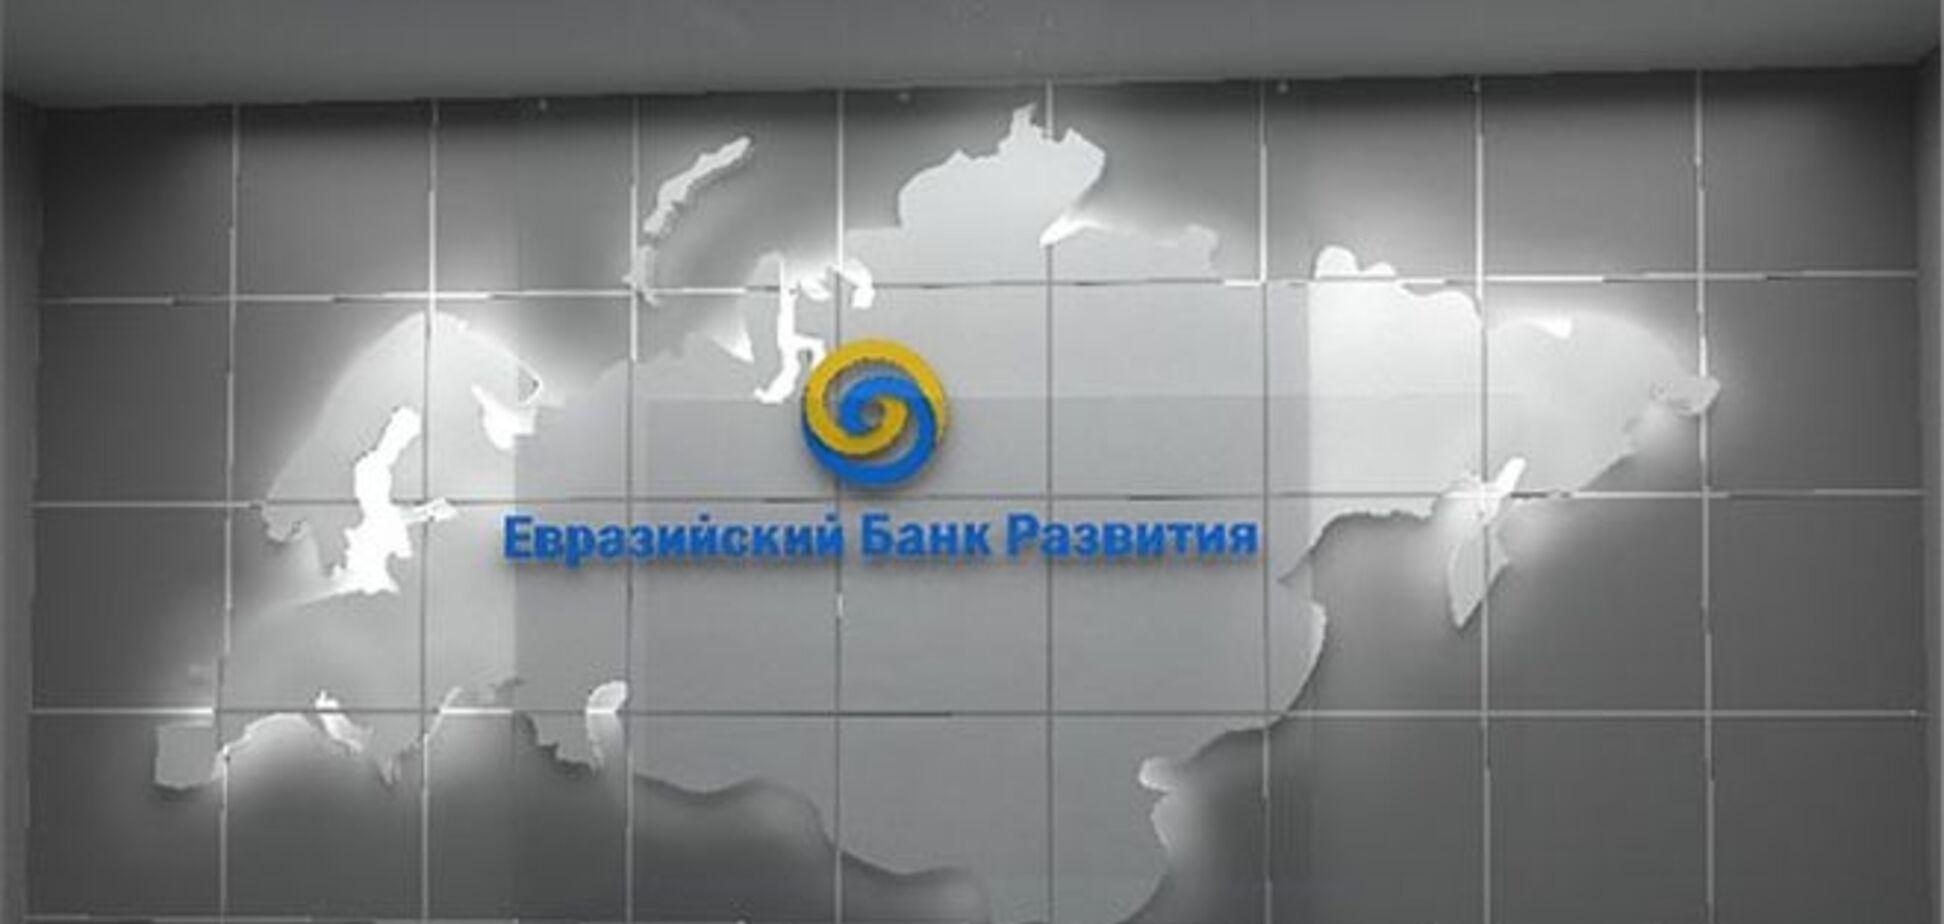 Кабмин намерен рассмотреть вопрос присоединения к Евразийскому банку